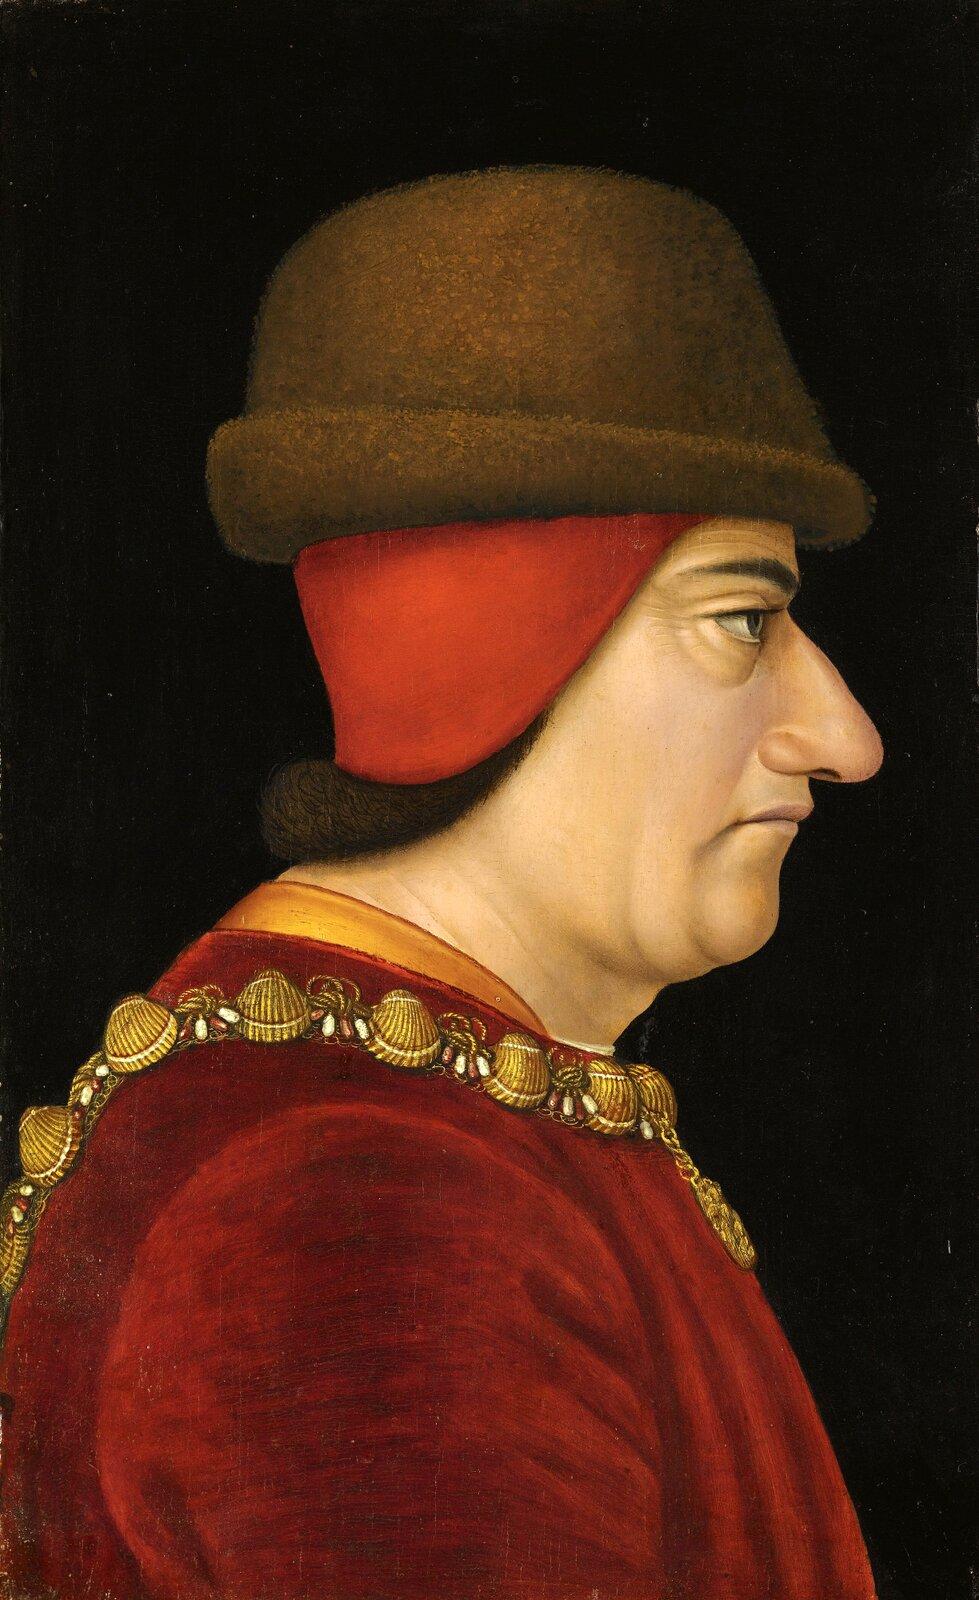 Portretanonimowego malarza zXV w. przedstawiający Ludwika XI Portretanonimowego malarza zXV w. przedstawiający Ludwika XI Źródło: Muzeum wNowym Jorku, domena publiczna.